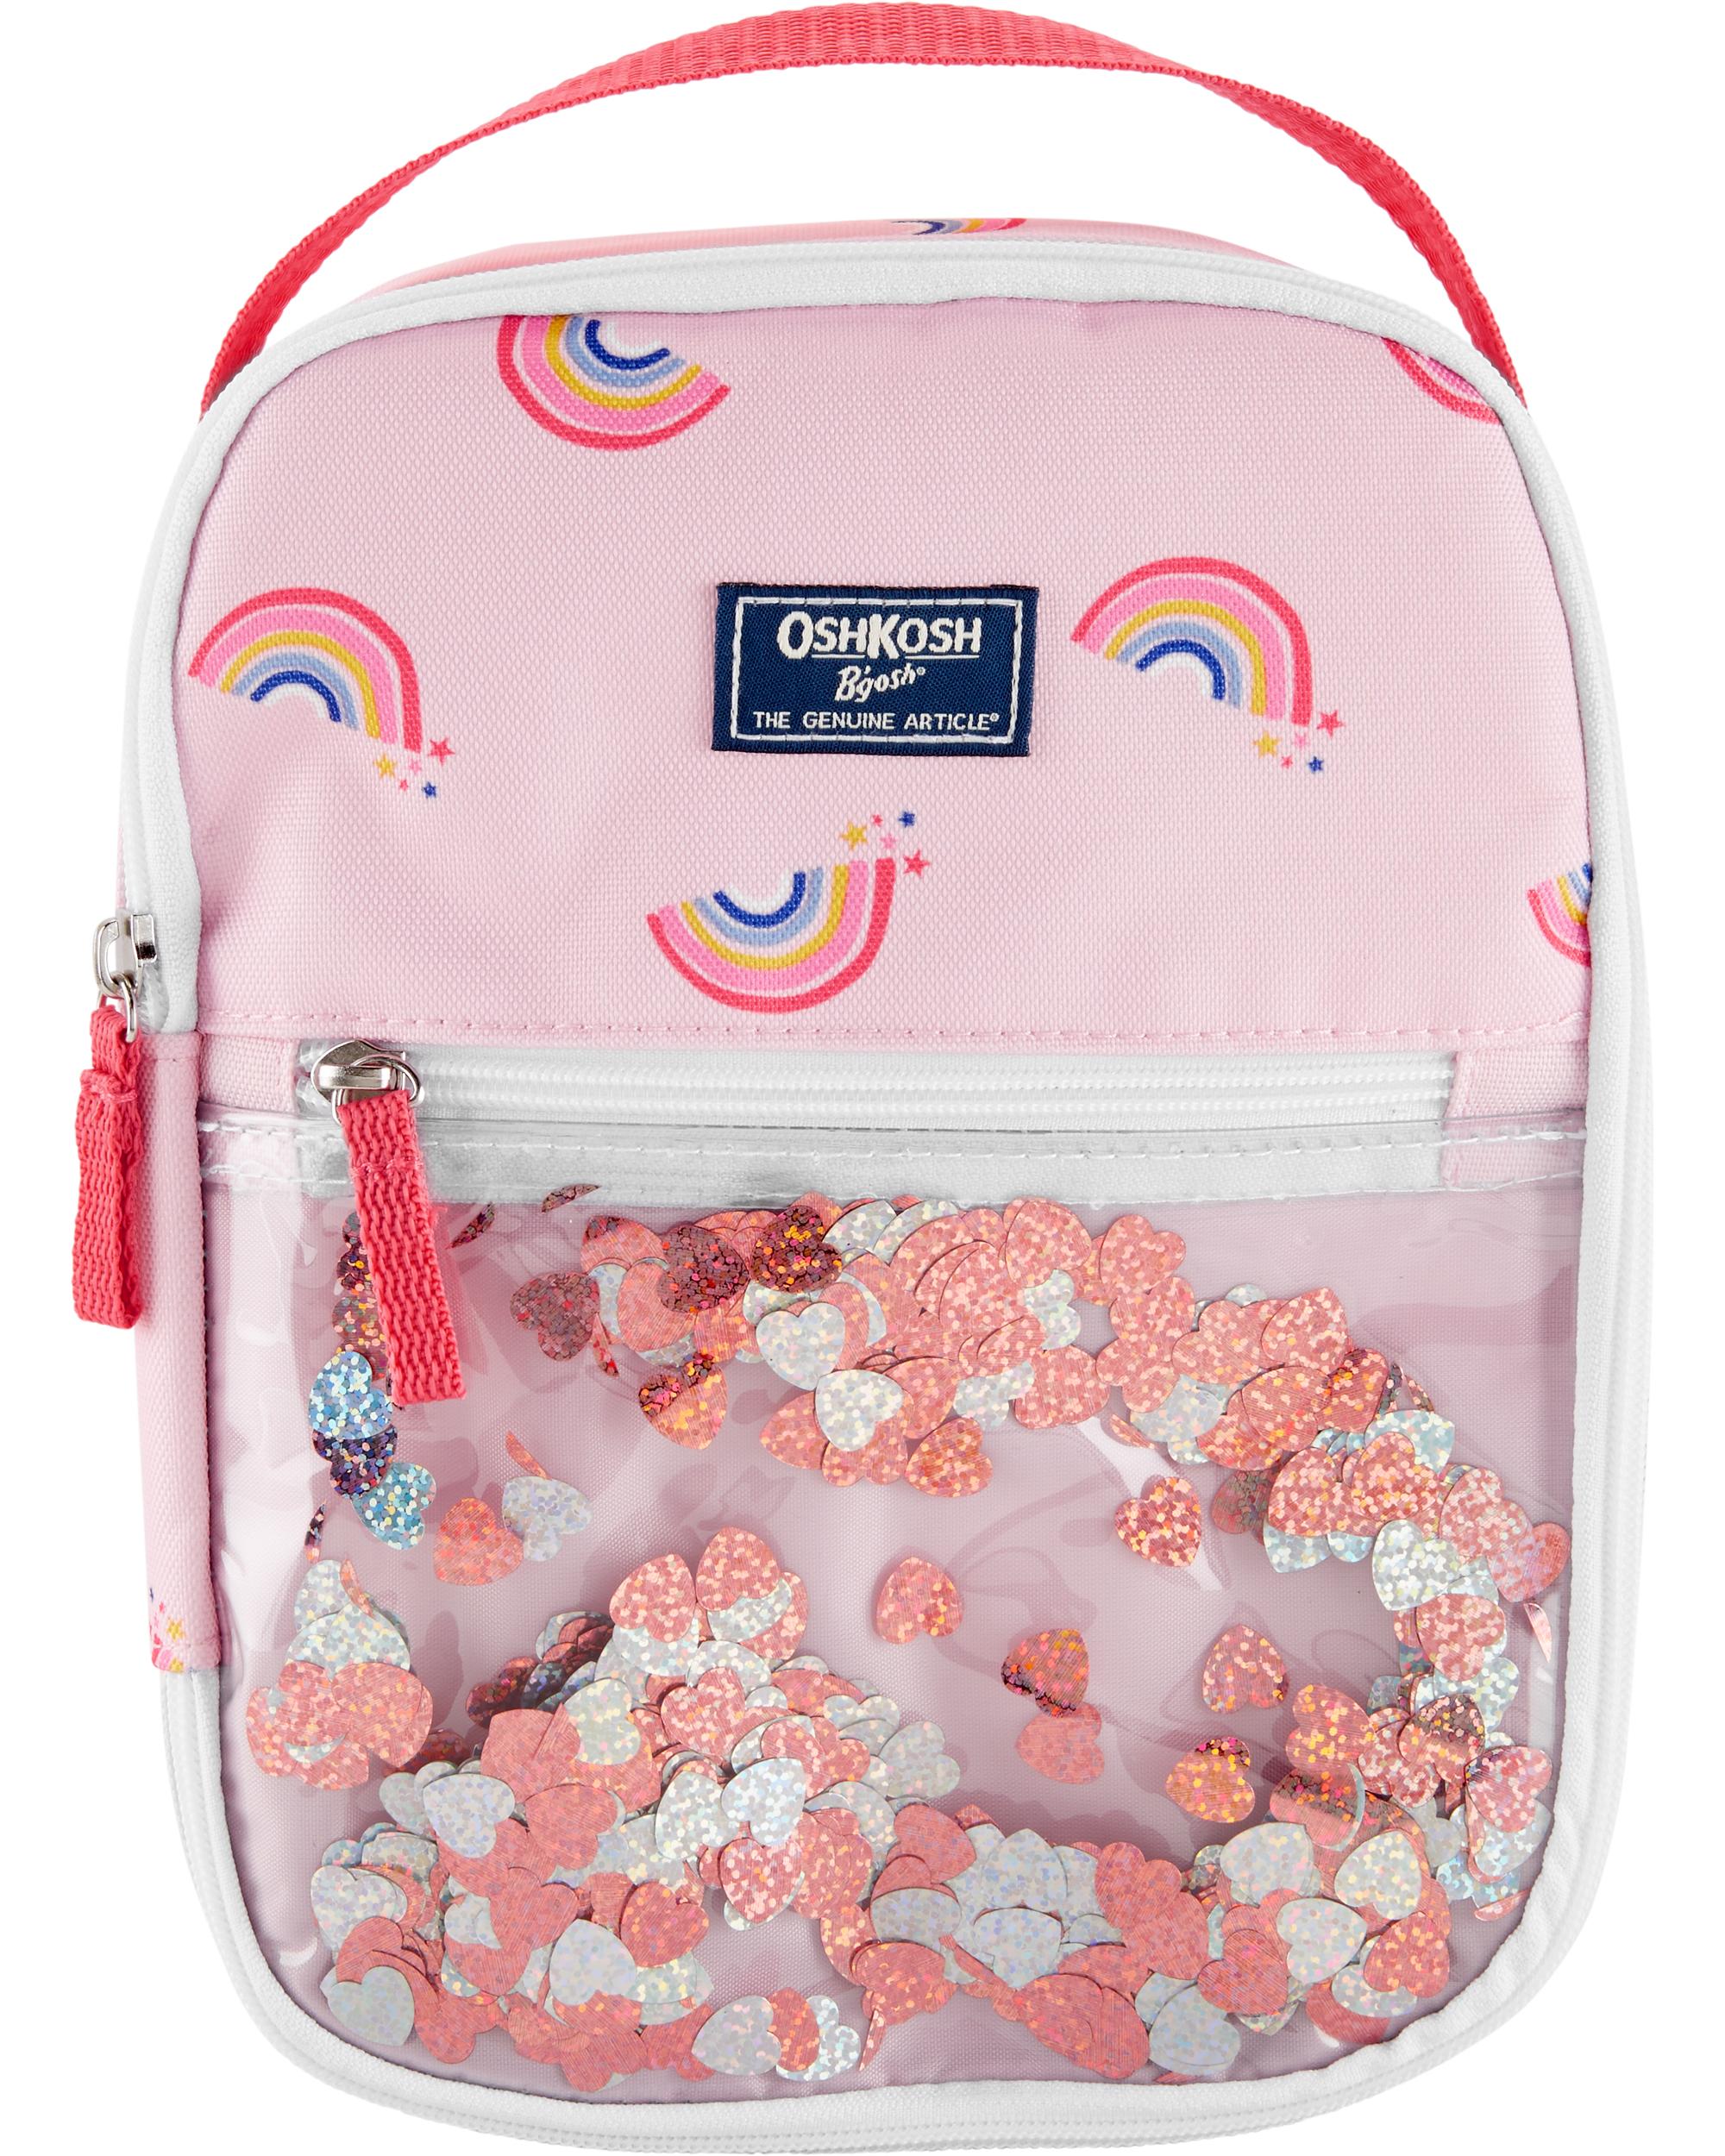 OshKosh Rainbow Confetti Lunch Bag   skiphop com